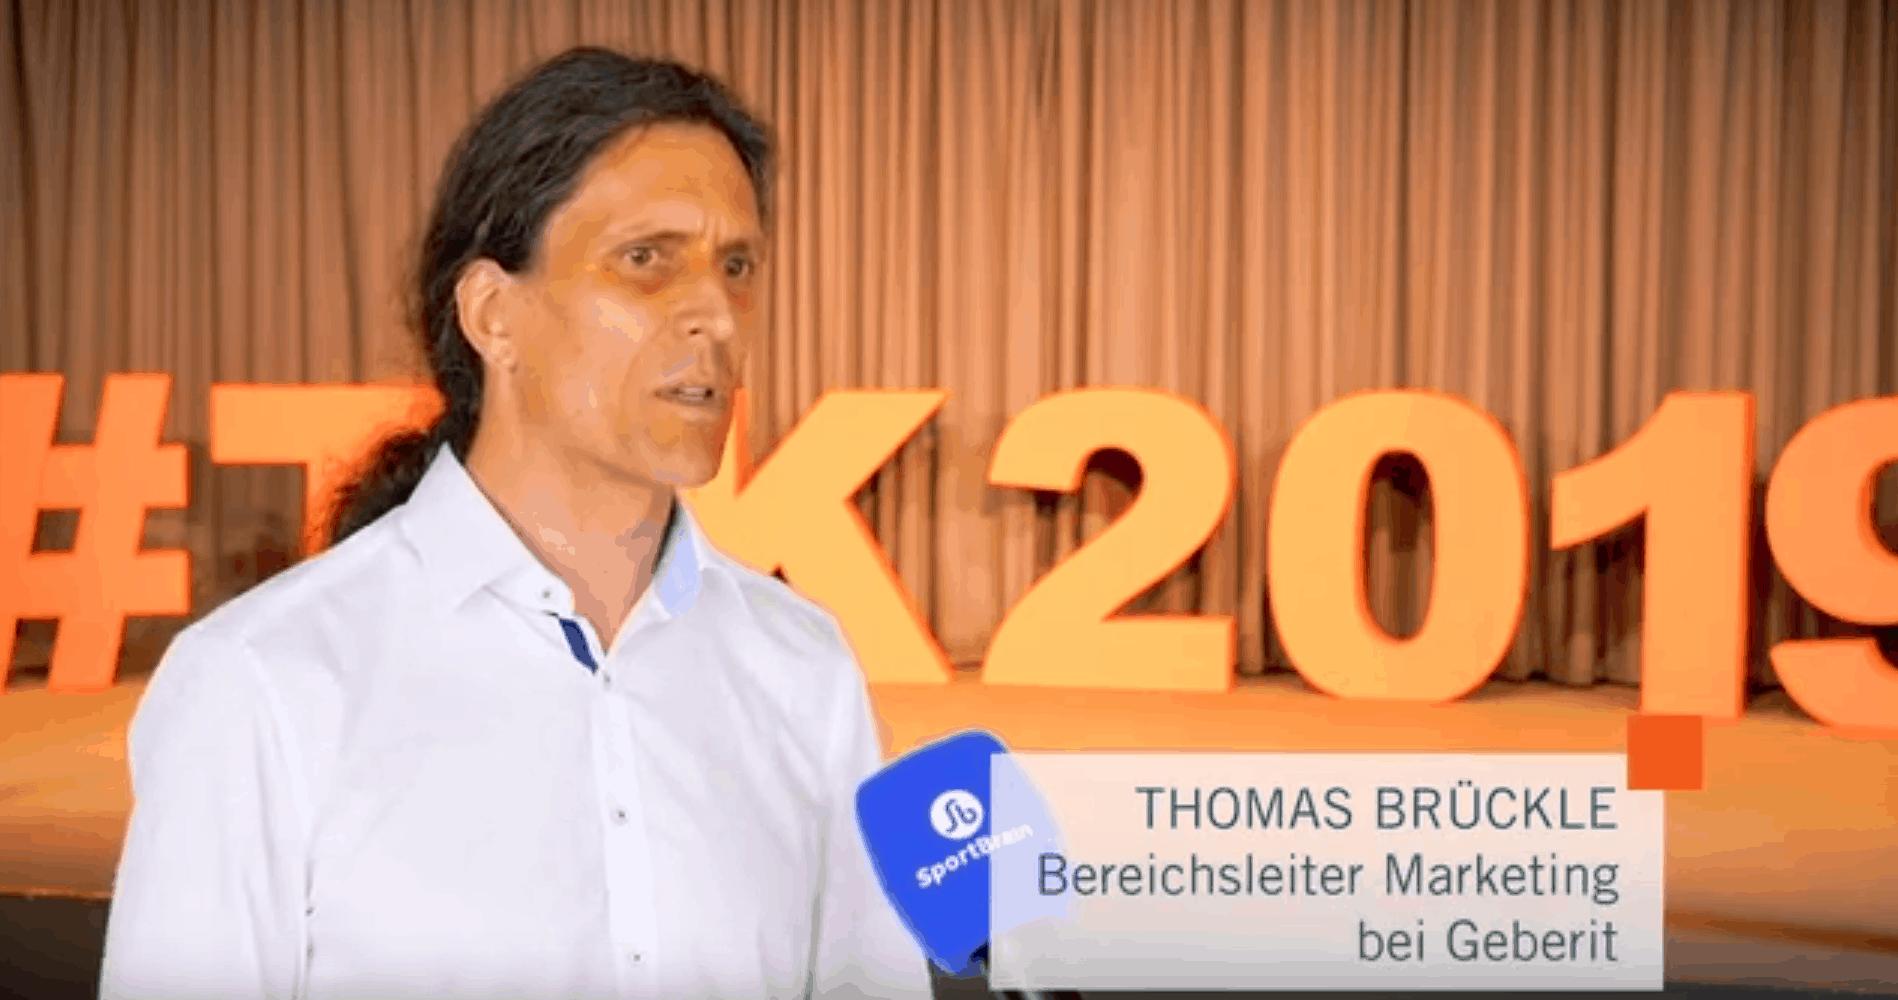 Video B2B-Marketing der Zukunft